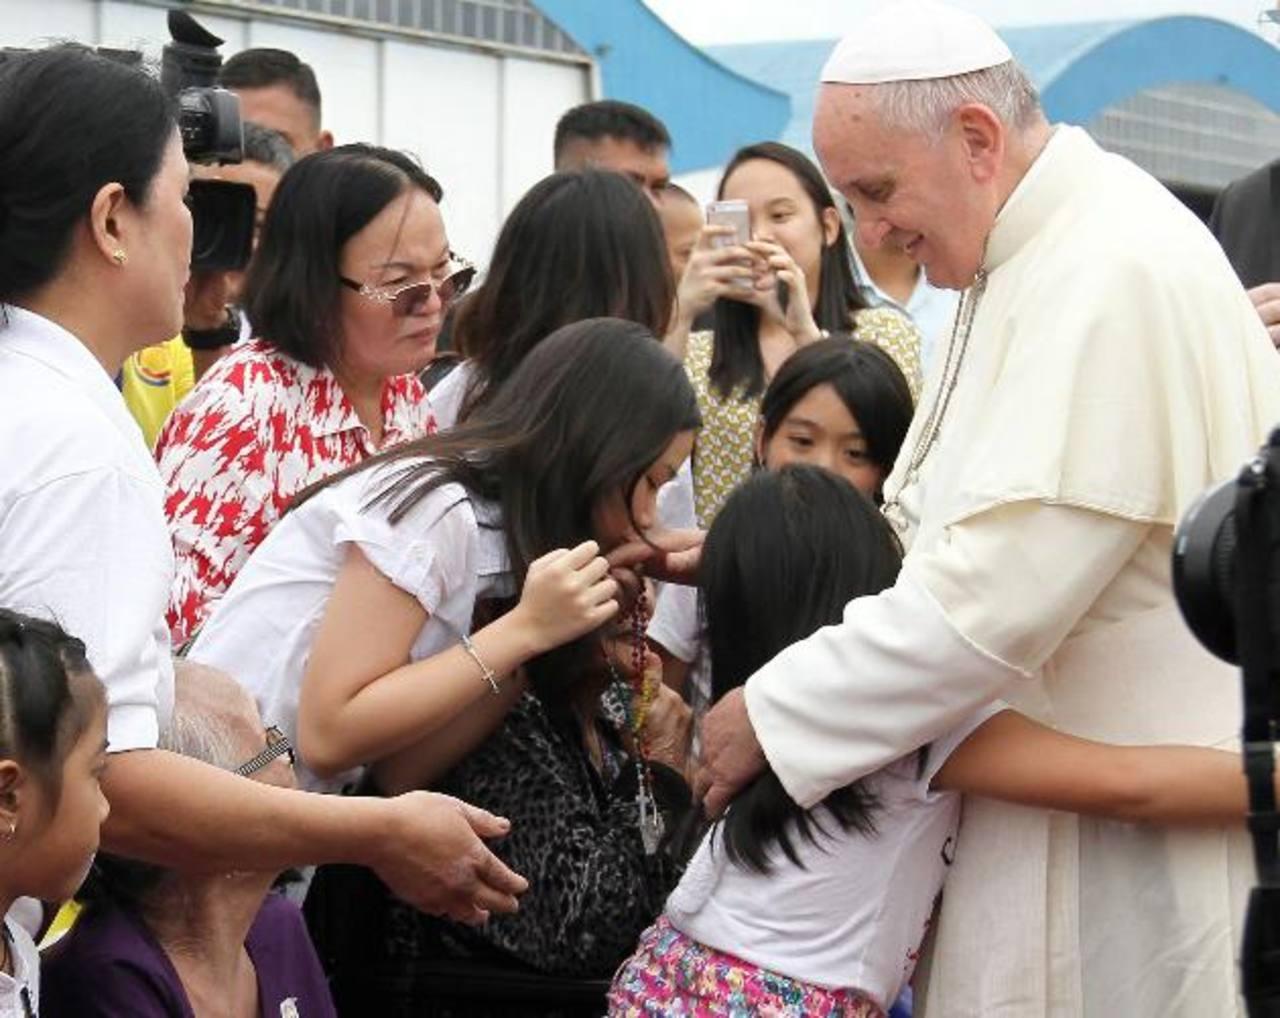 Una joven besa la mano del Pontífice, mientras unas niñas lo abraza en el aeropuerto internacional de Manila. Foto EDH /EFE